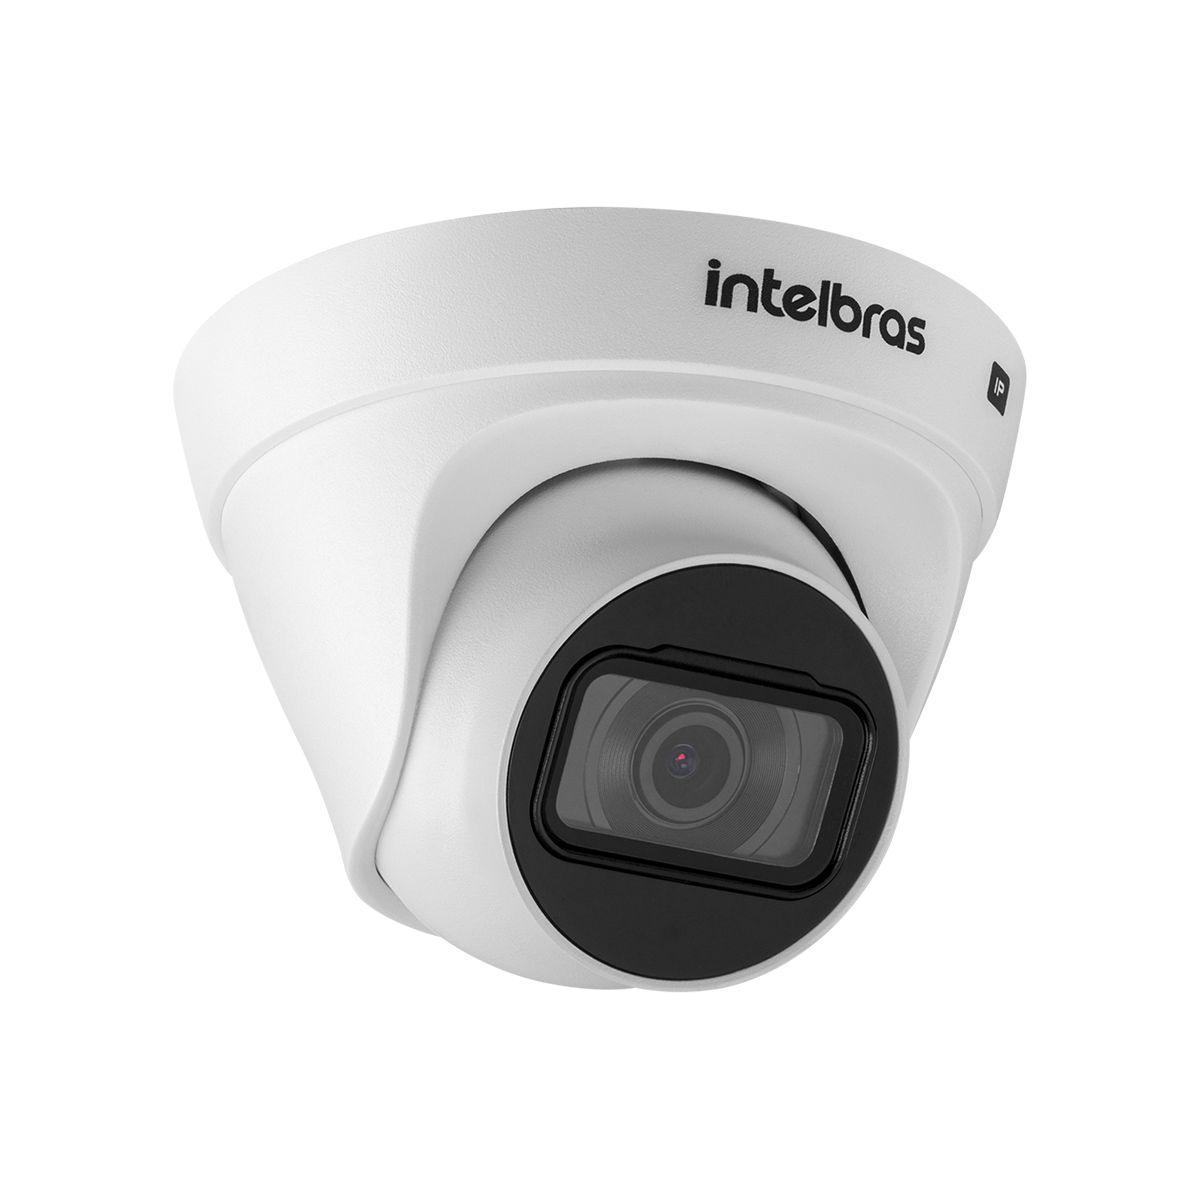 Kit 3 Câmeras VIP 1020 D G2 + NVR Intelbras + HD 1TB para Armazenamento + App Grátis de Monitoramento, Câmeras HD 720p 20m Infravermelho de Visão Noturna Intelbras + Fonte, Cabos e Acessórios  - Tudo Forte